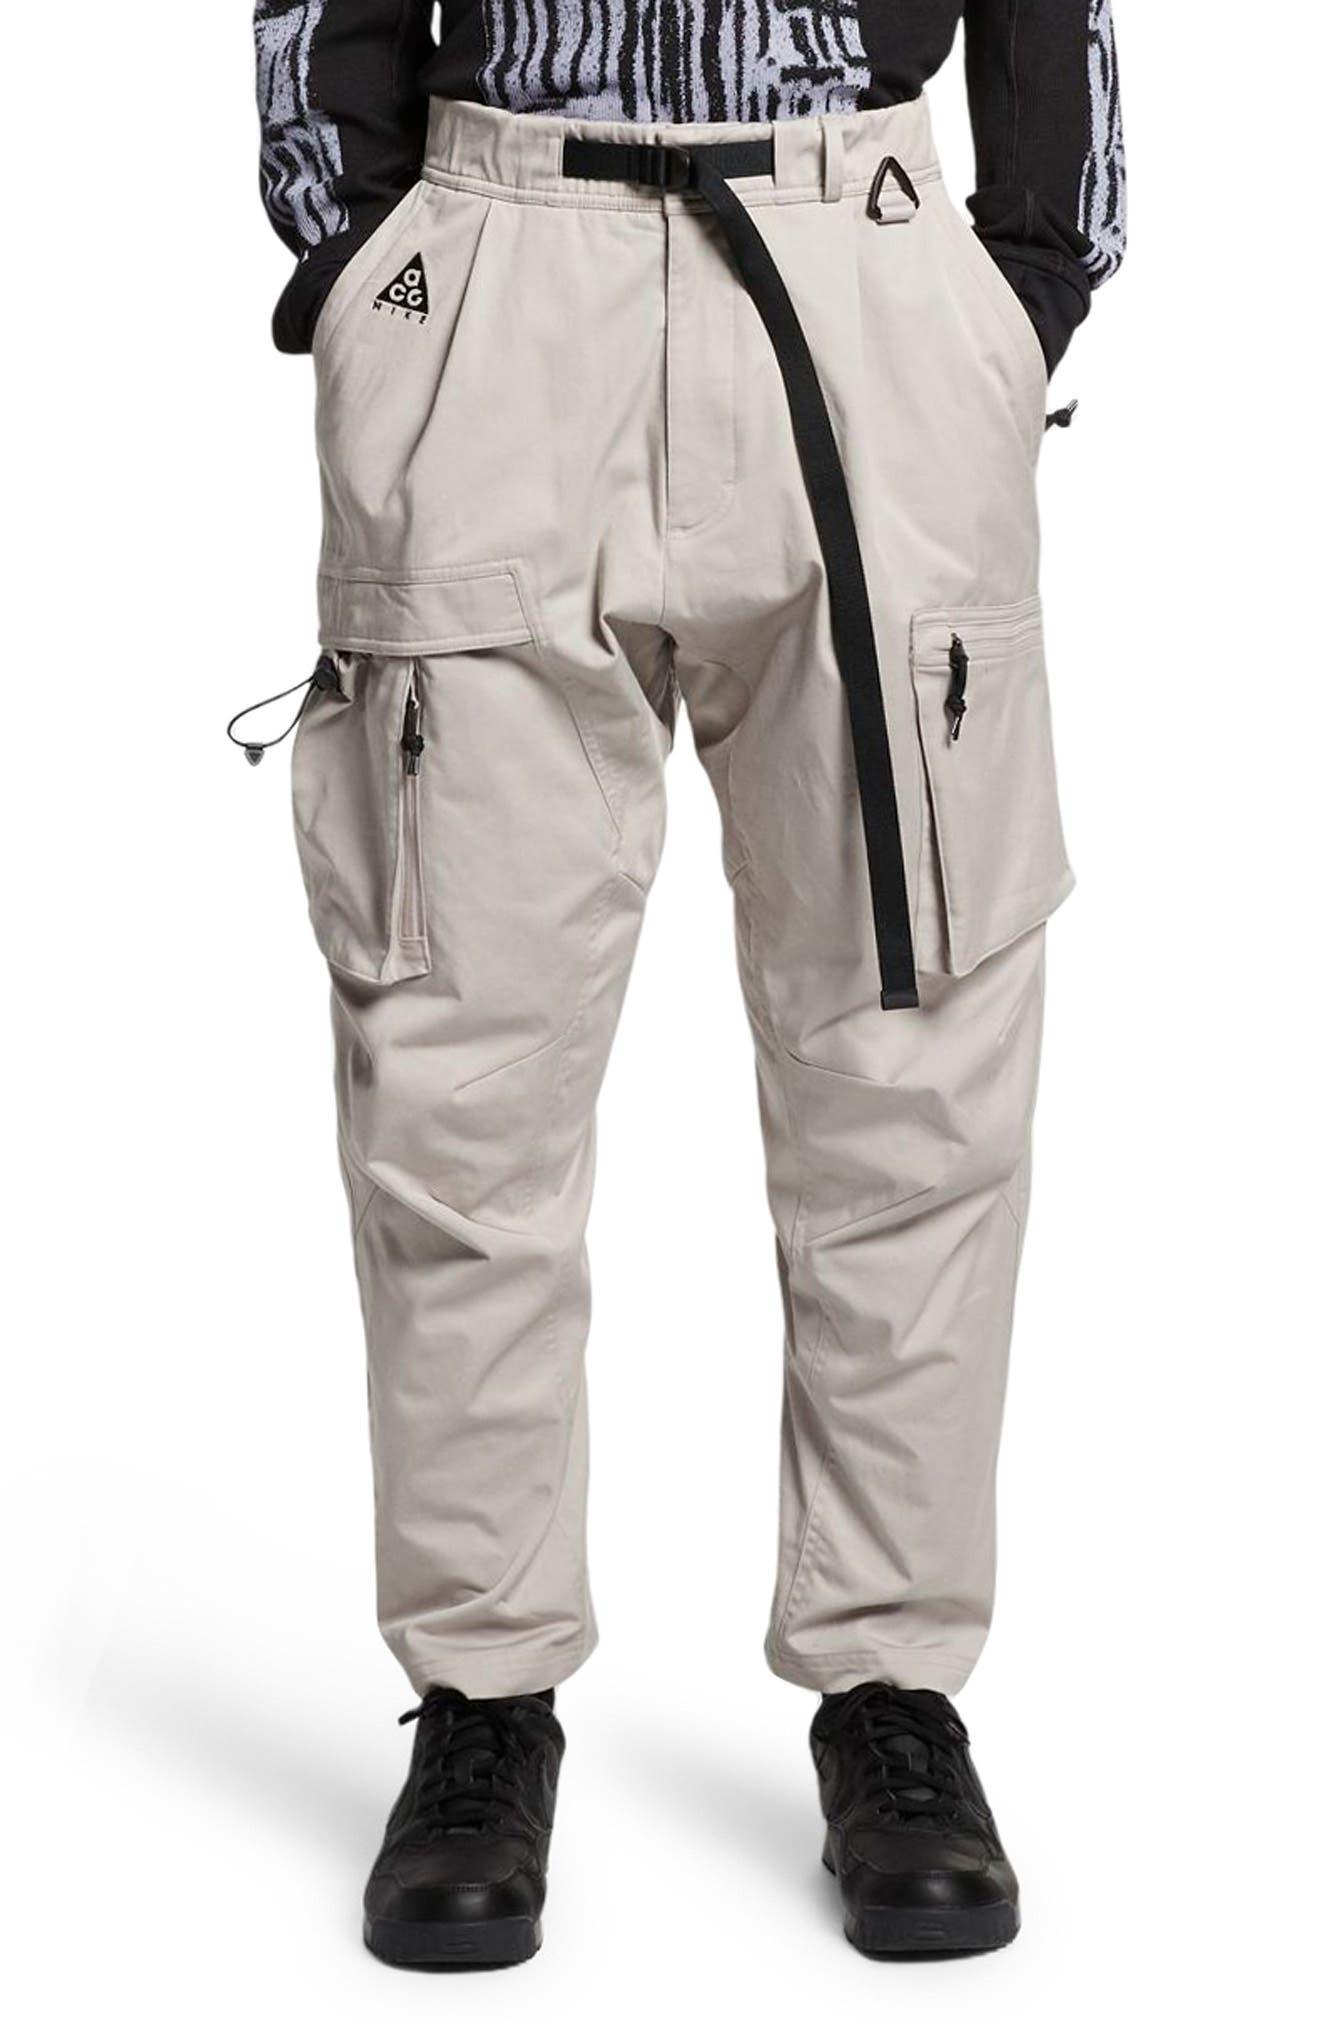 NIKE ACG Men's Cargo Pants, Main, color, MOON PARTICLE